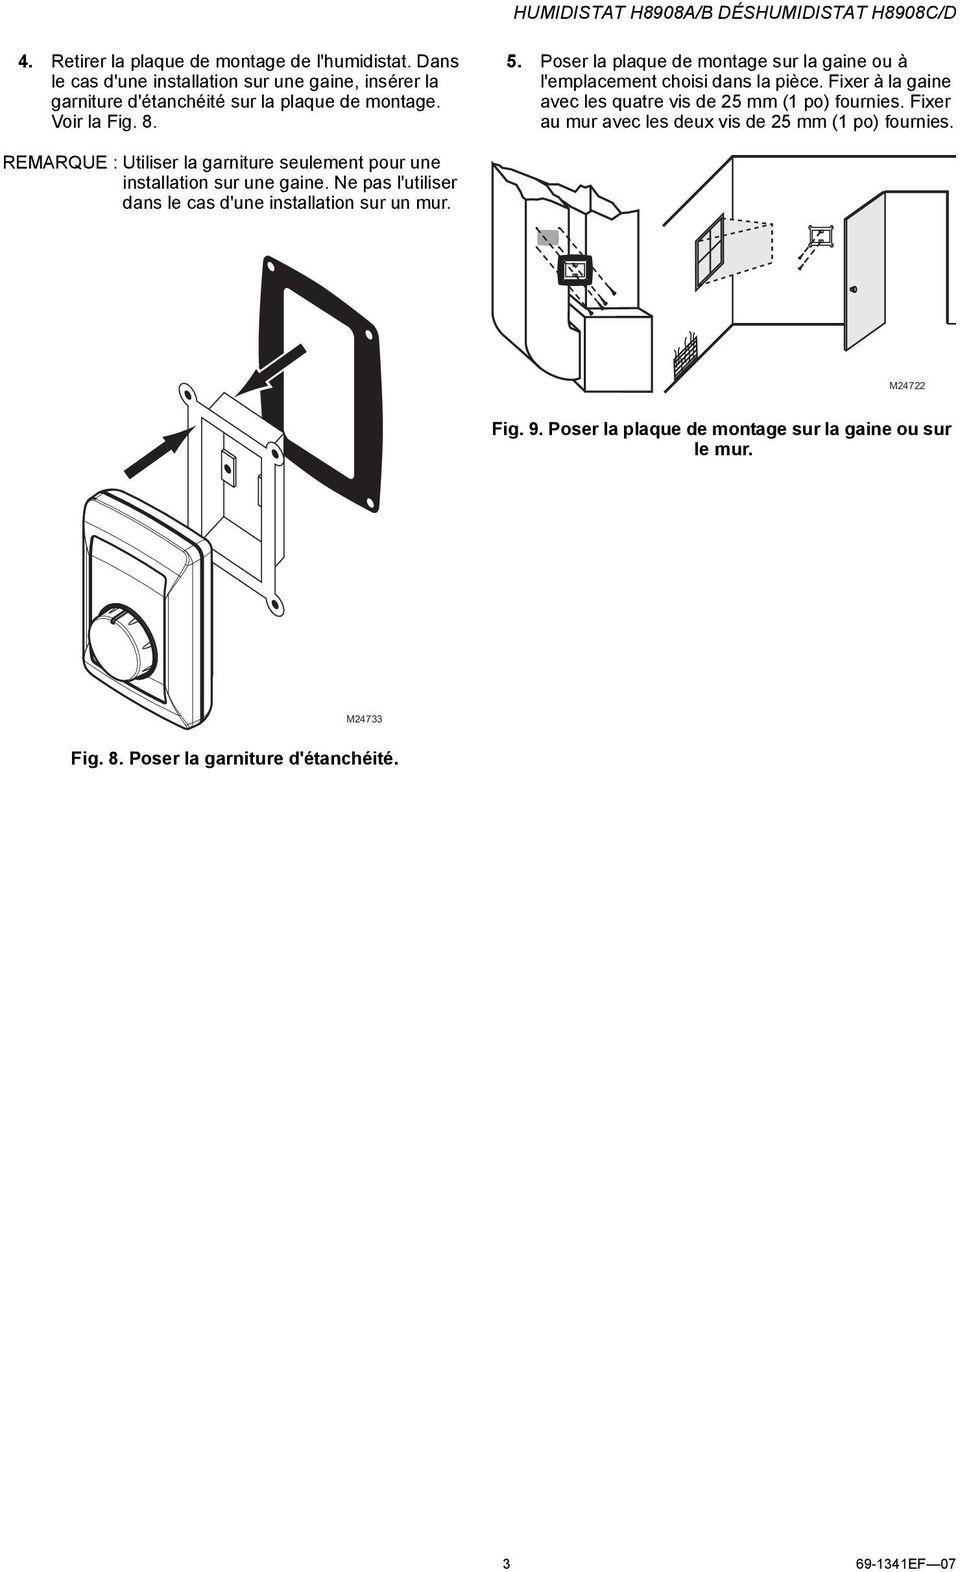 medium resolution of poser la plaque de montage sur la gaine ou l emplacement choisi dans la